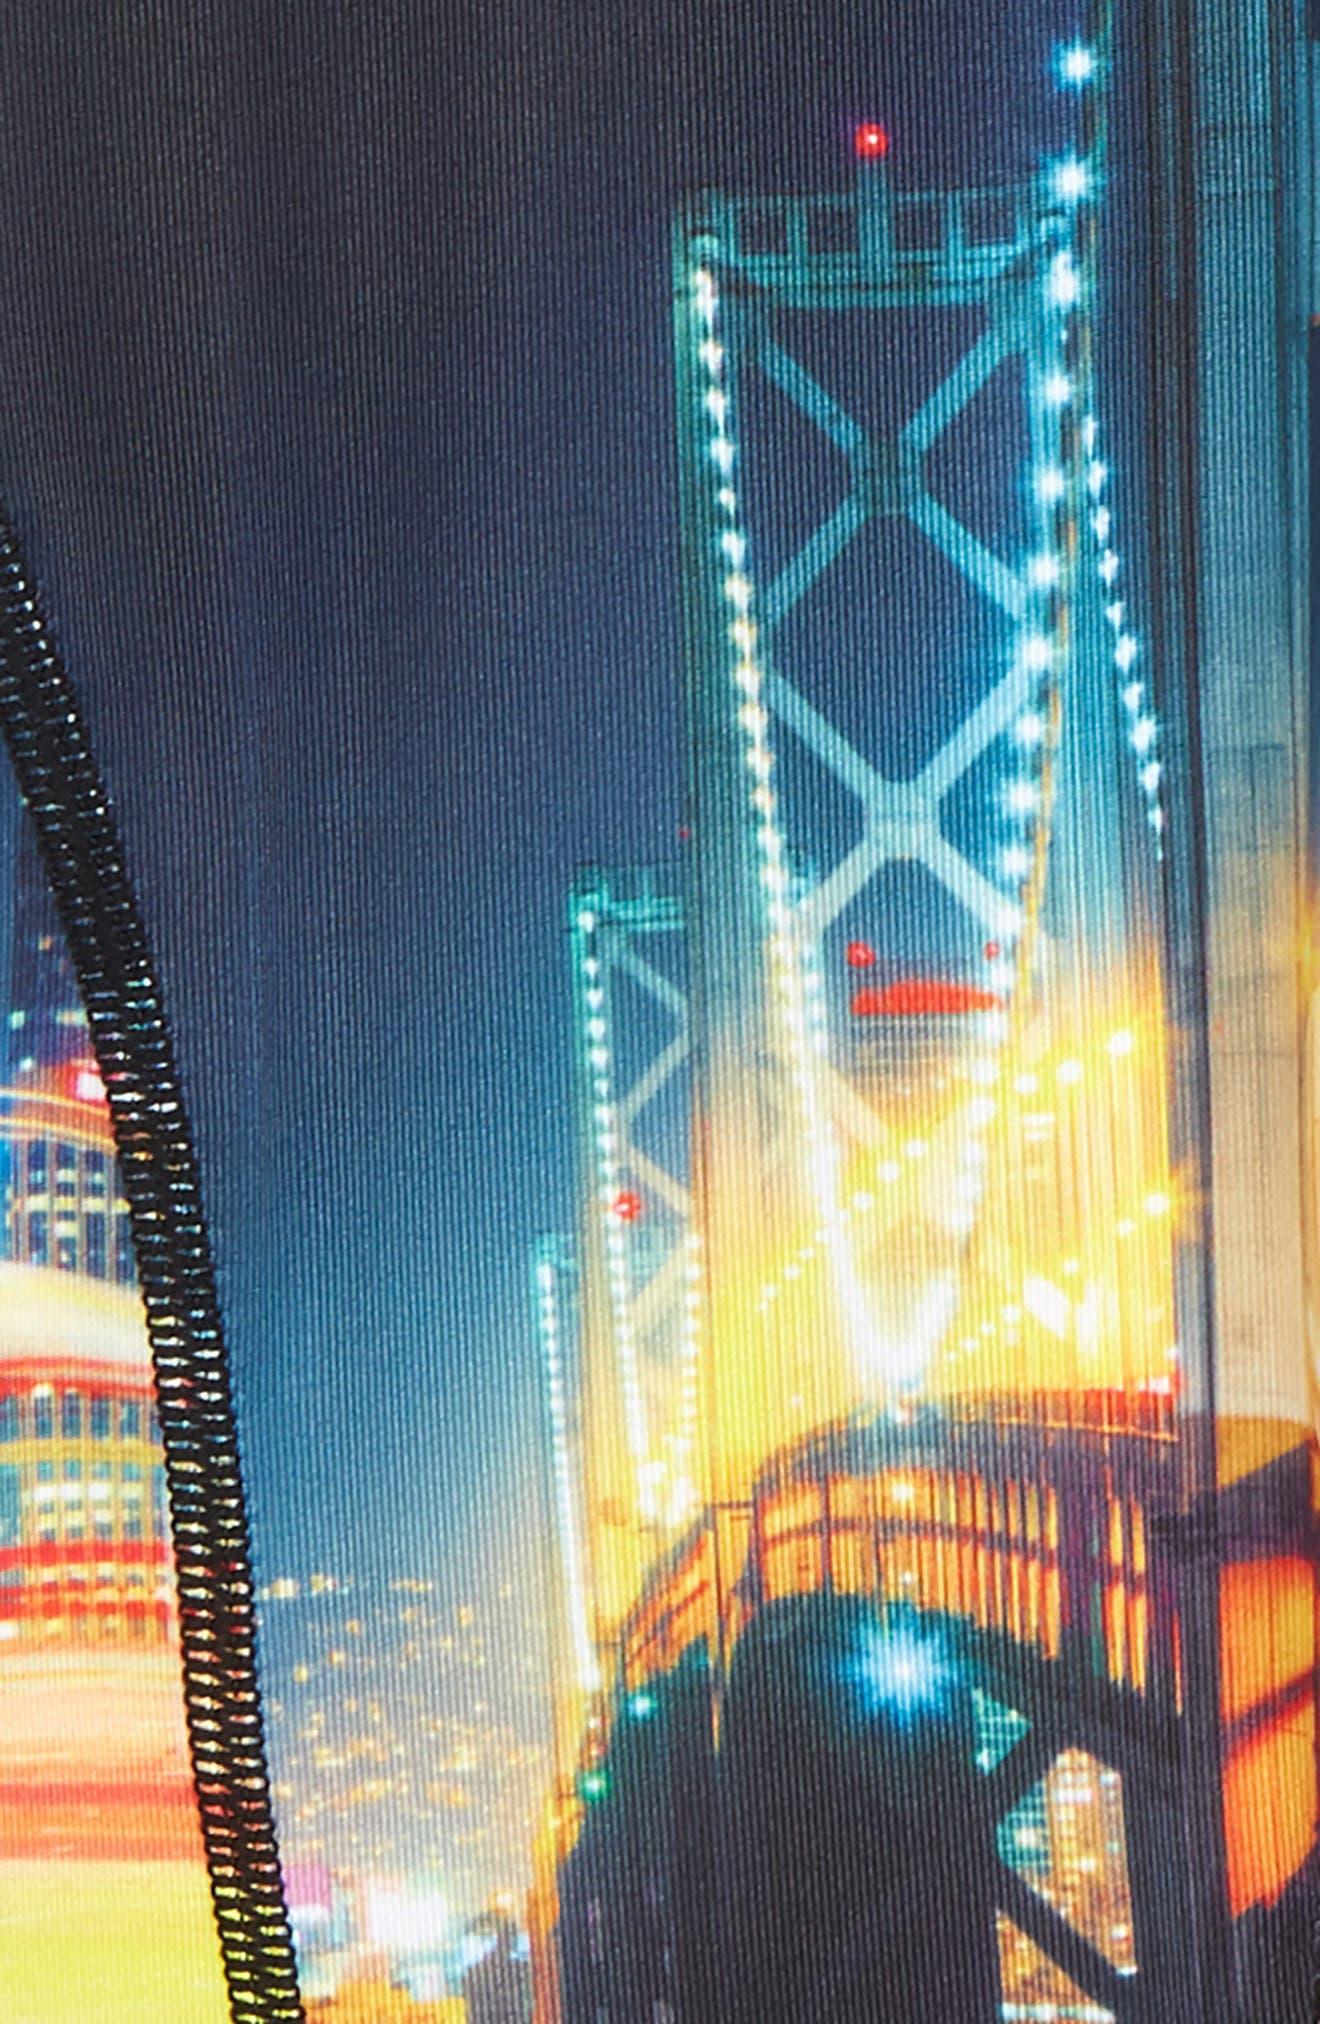 Bae Bridge Boxer Briefs,                             Alternate thumbnail 3, color,                             400